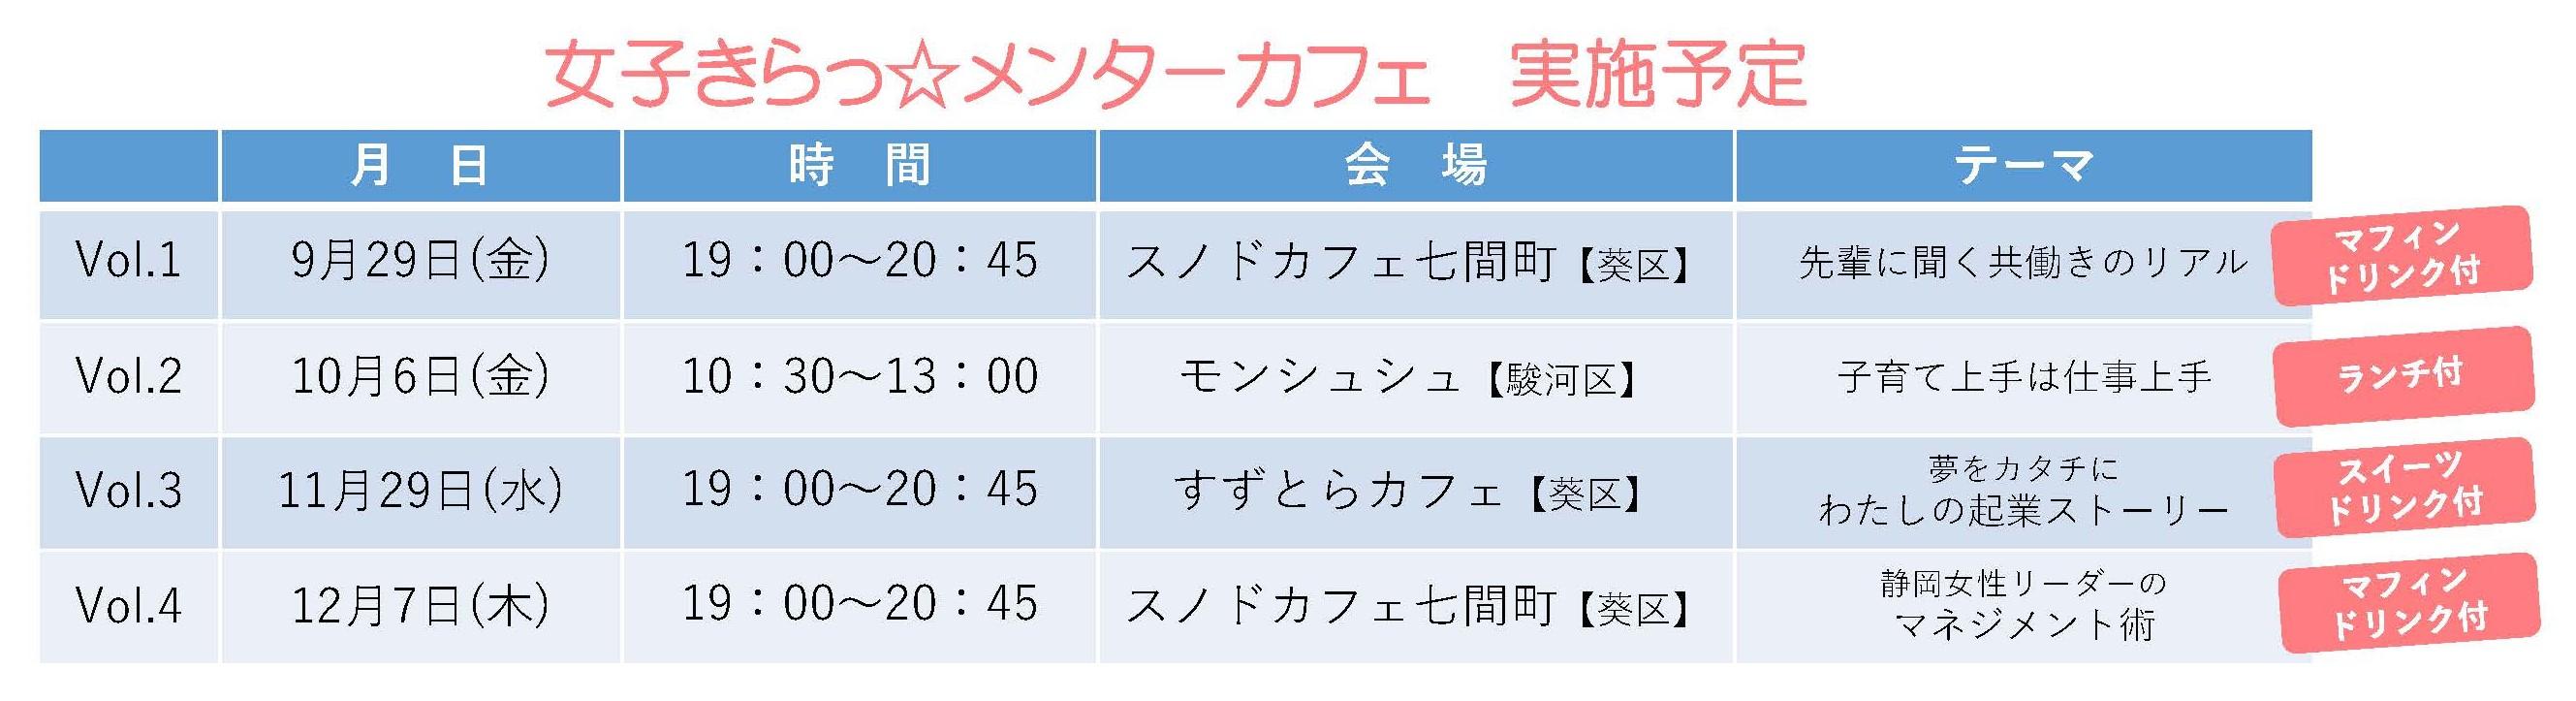 メンターカフェ一覧表 (2)